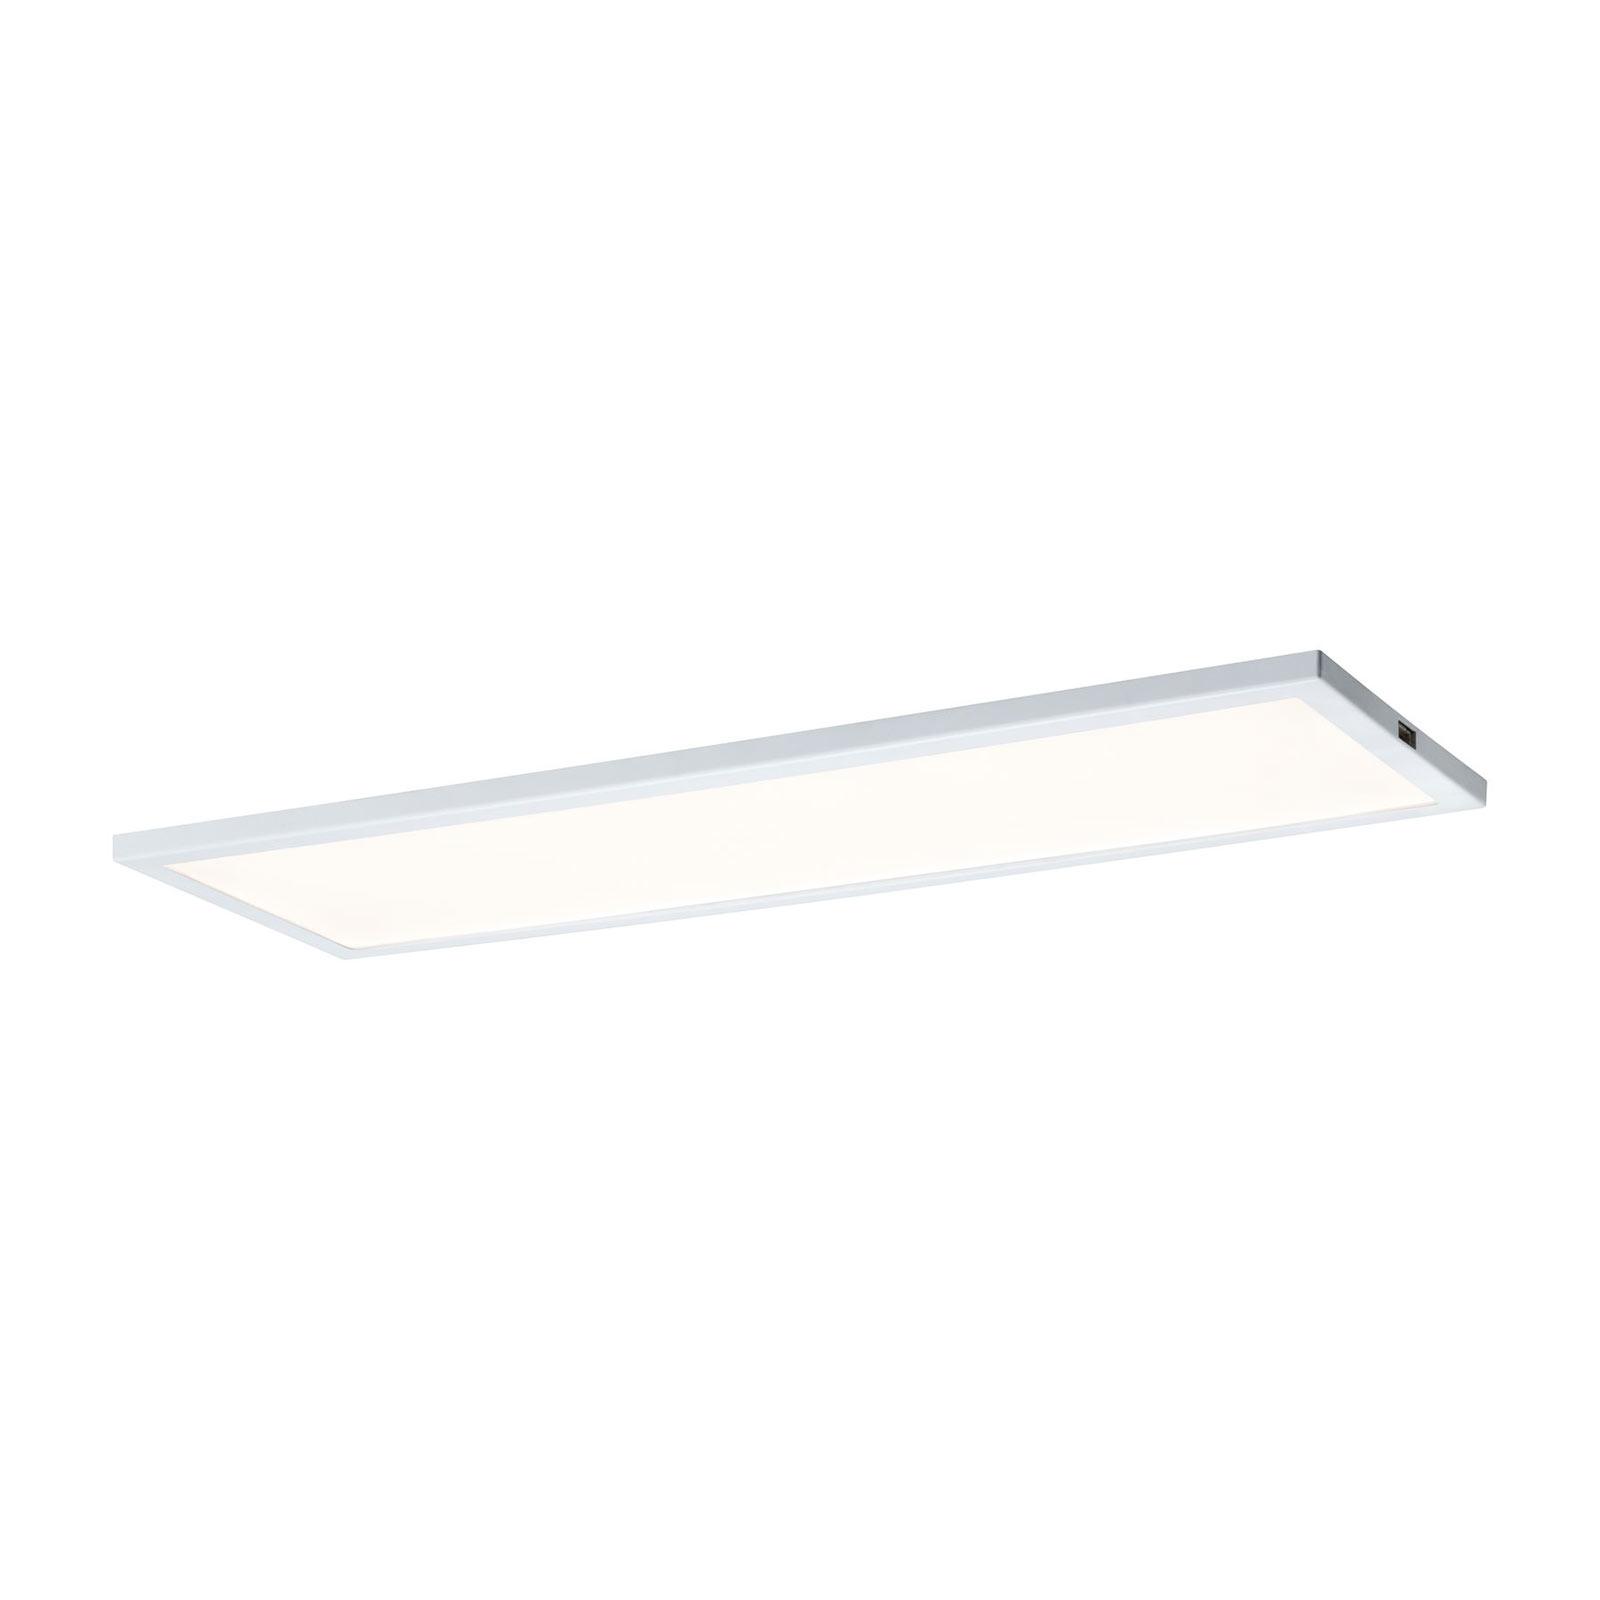 Paulmann Ace LED-Unterschrankleuchte, Basisset